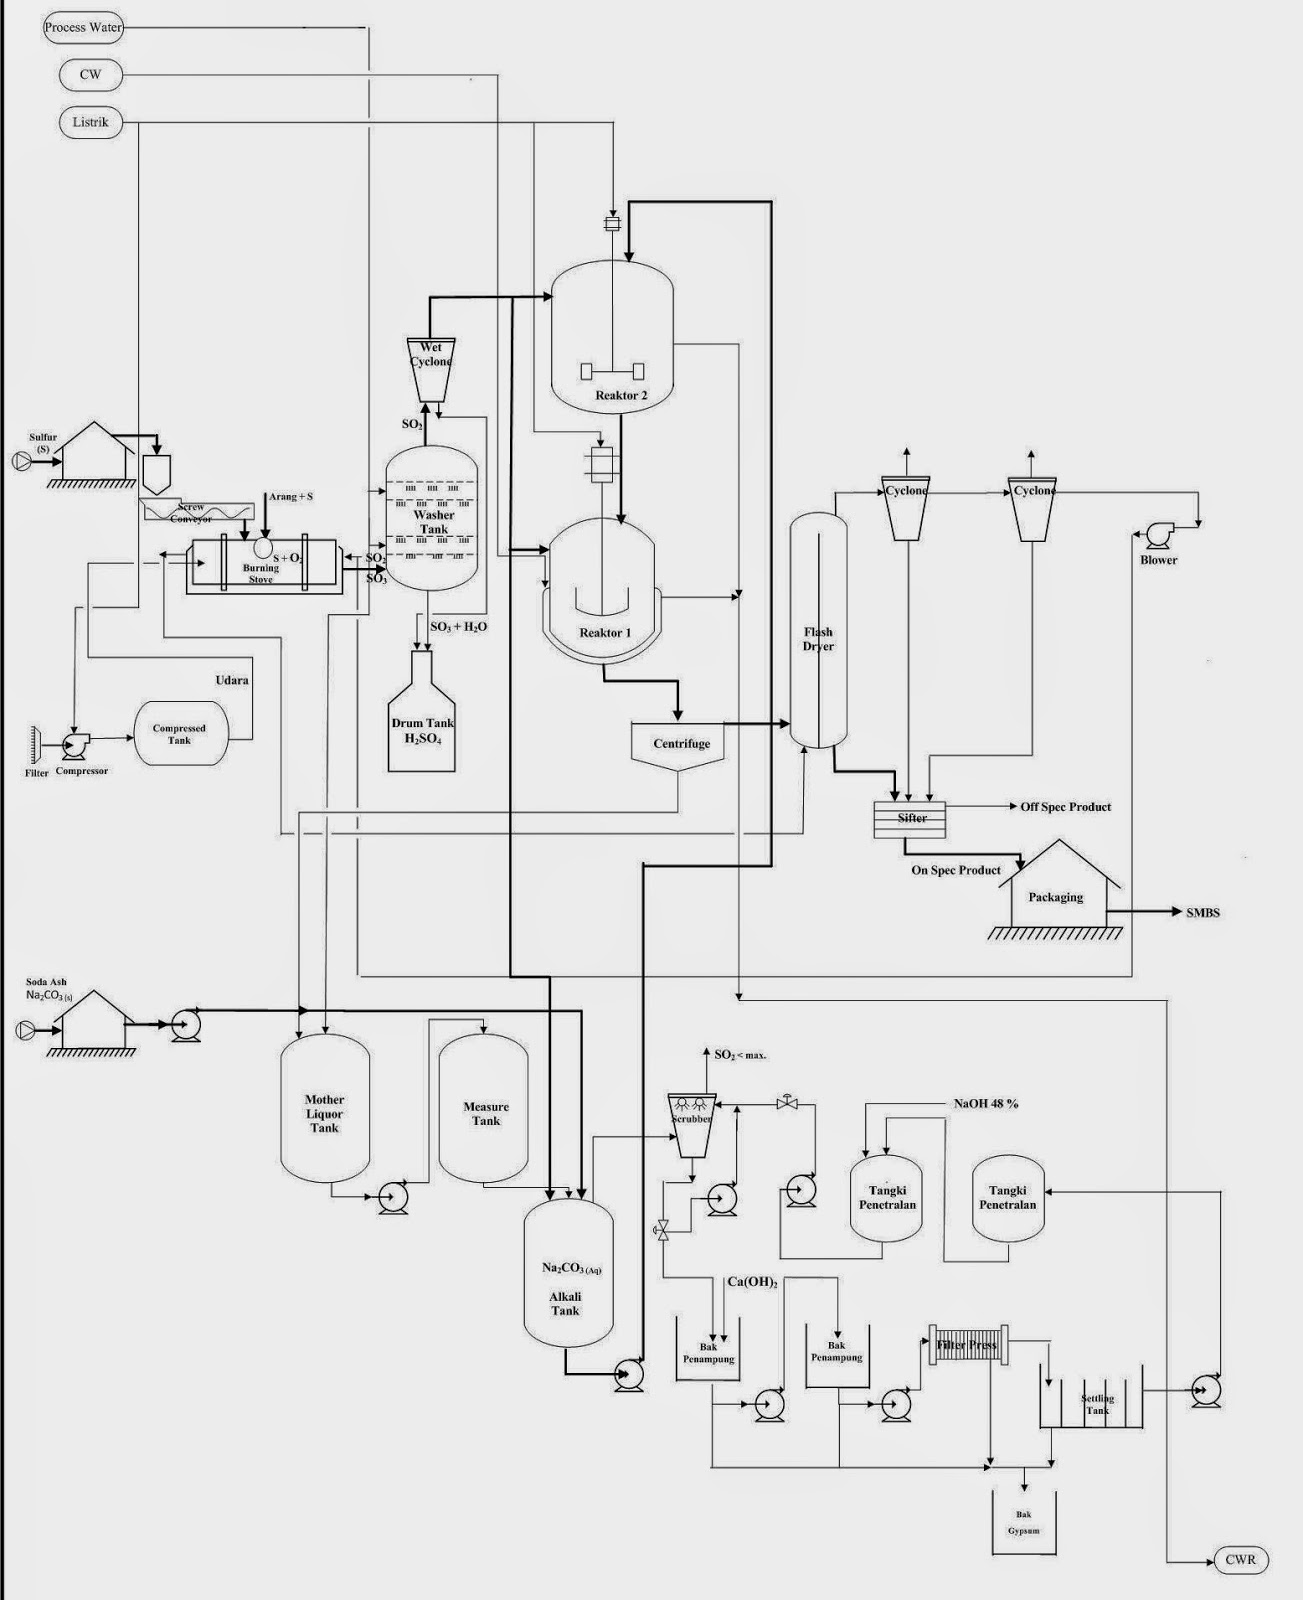 Proses Pembuatan S Dium M Tabisulphite